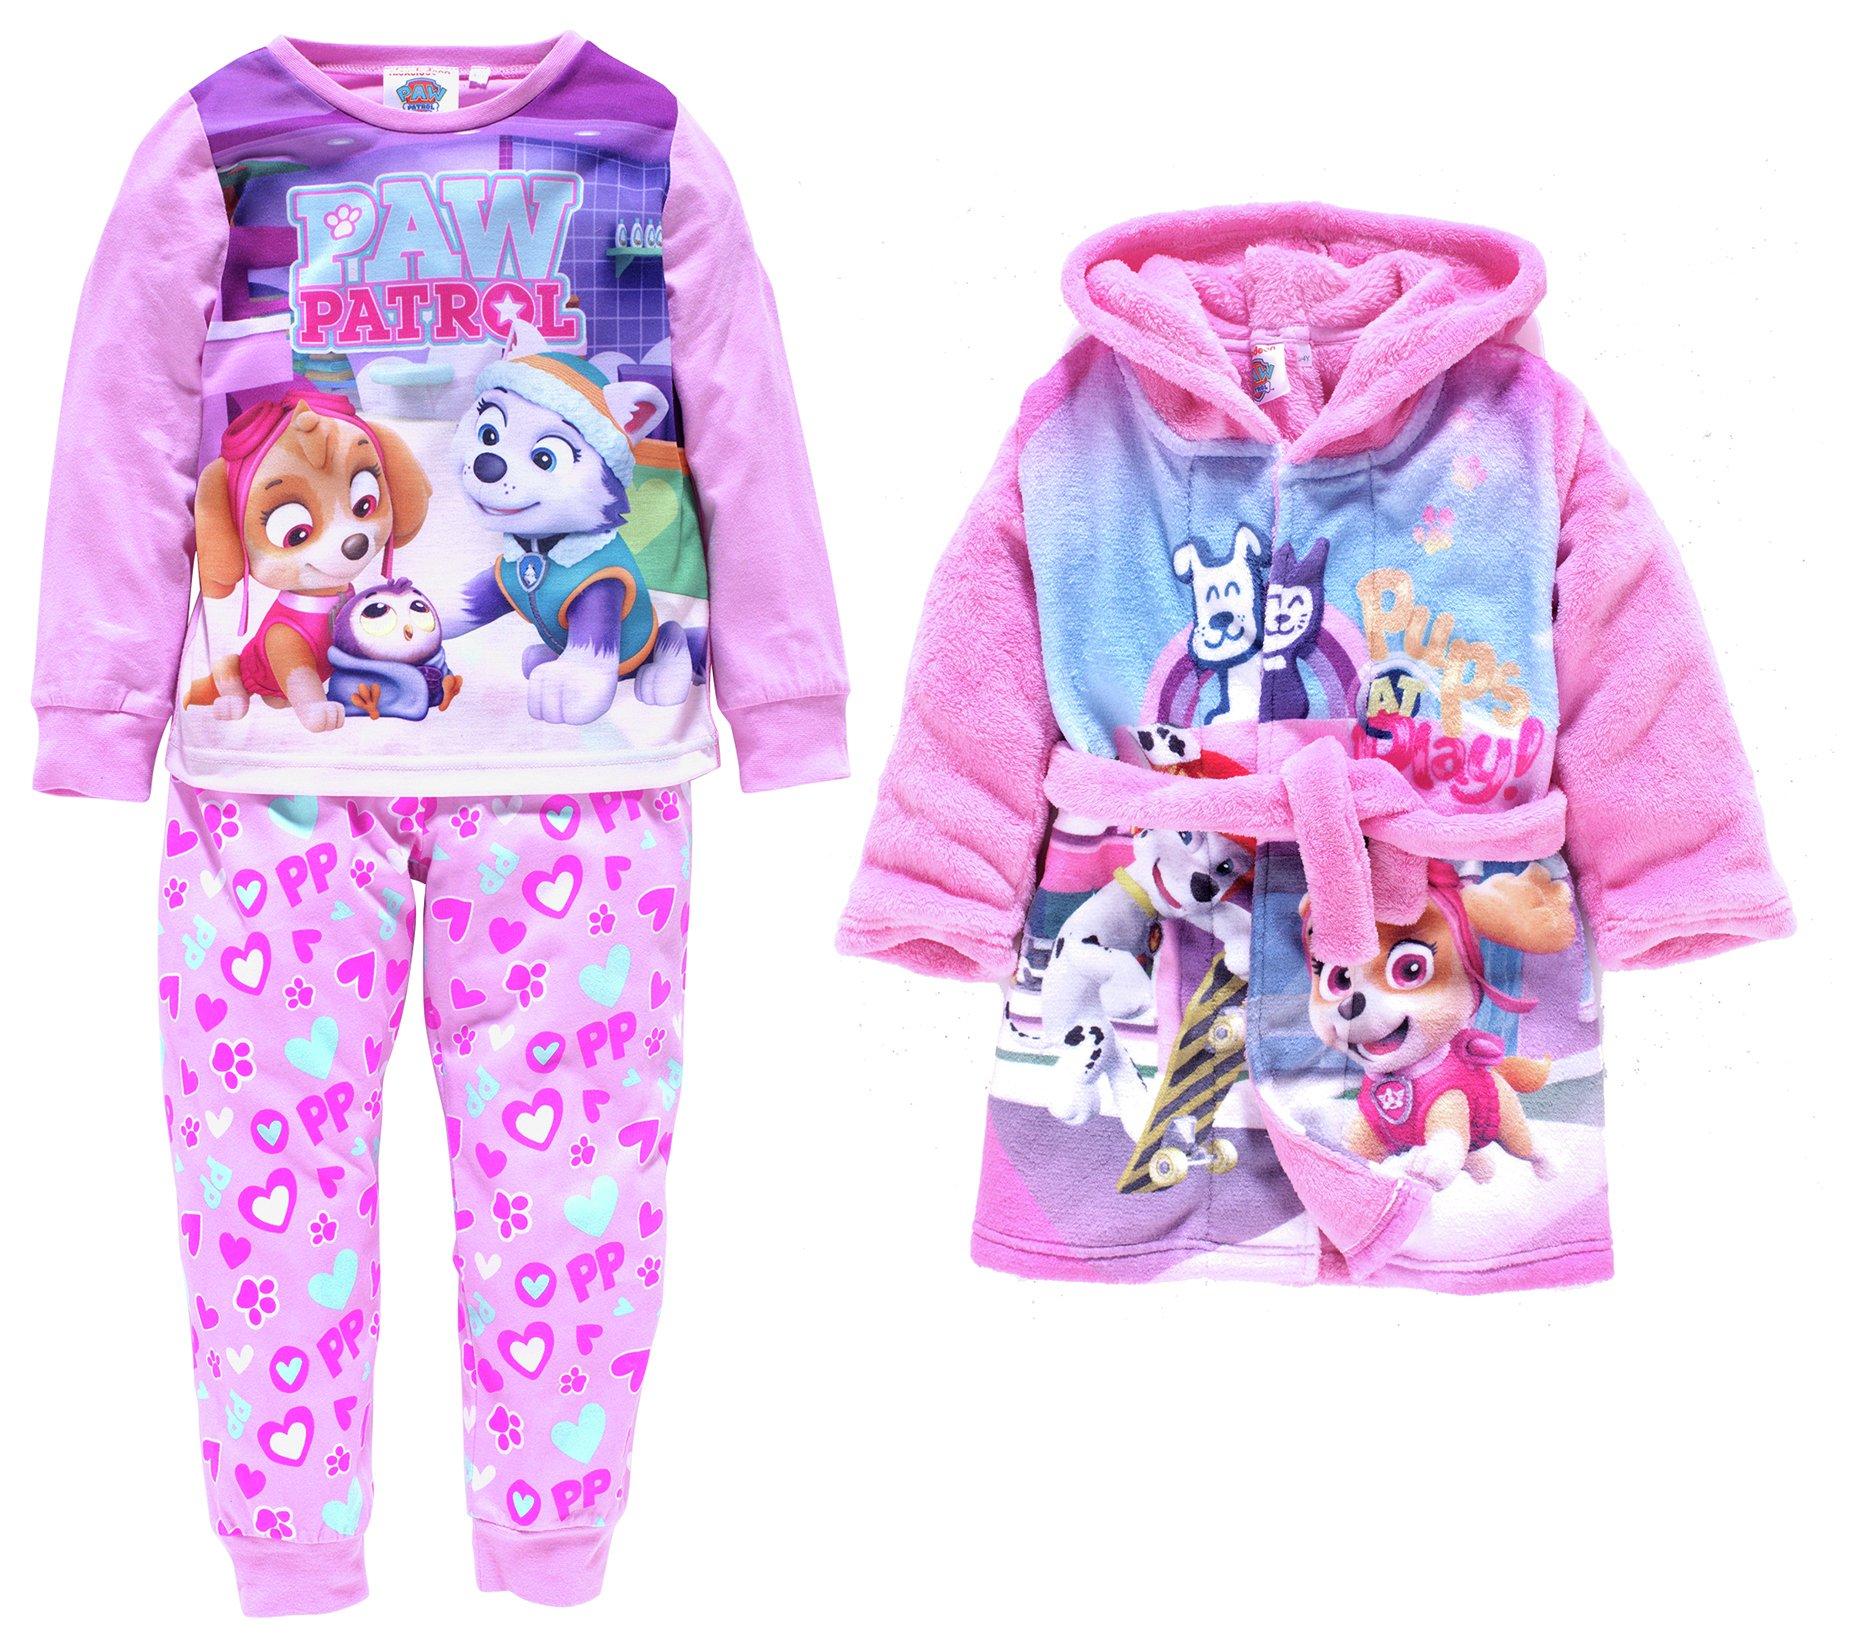 Image of PAW Patrol Pink Nightwear Set - 2-3 Years